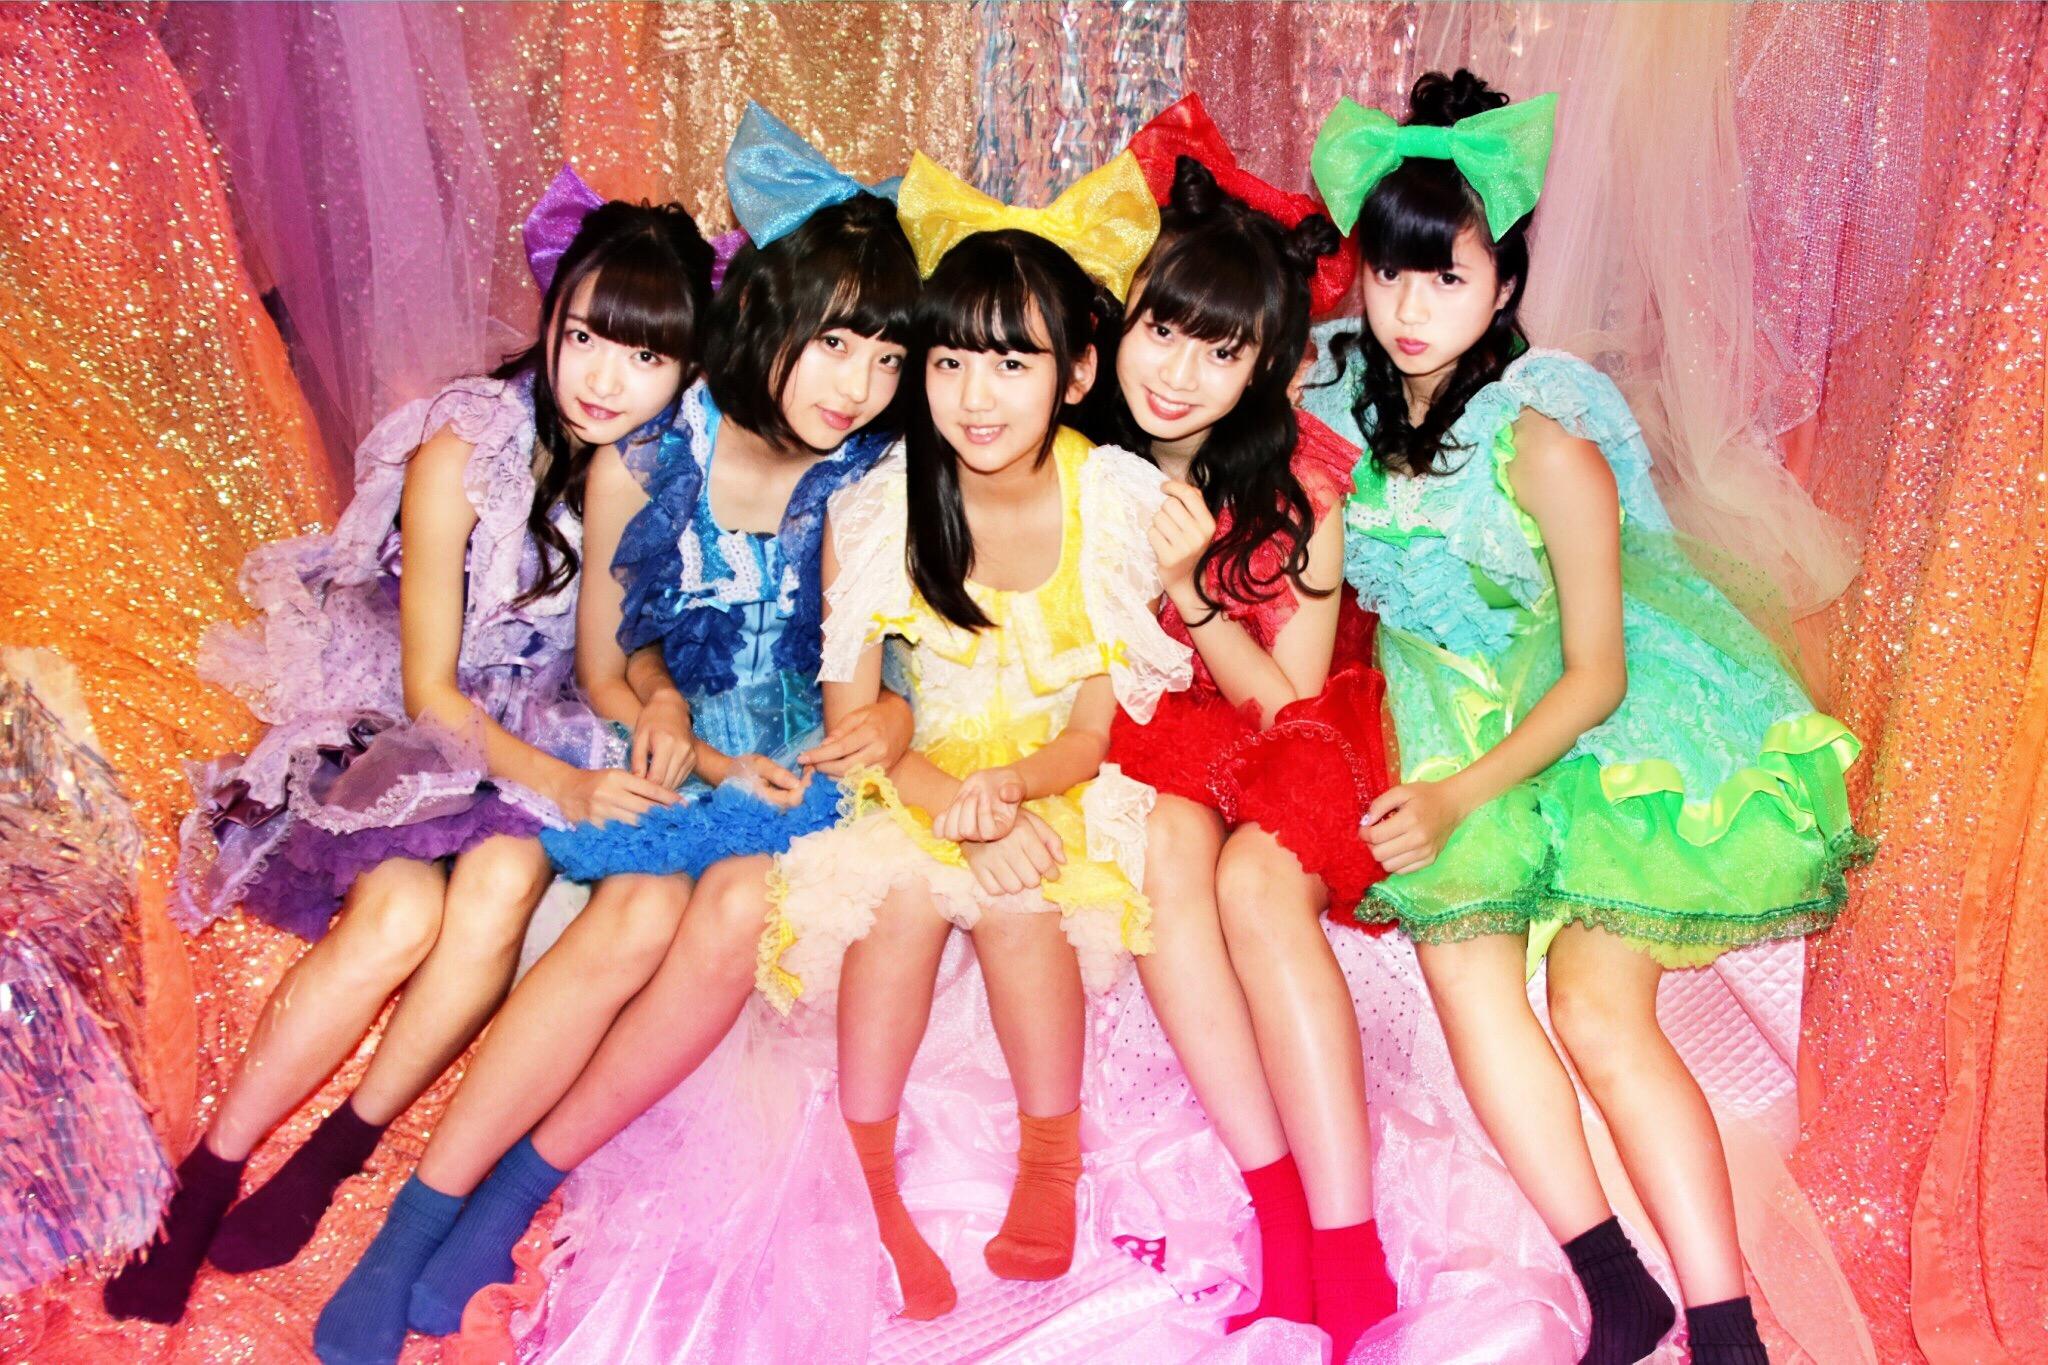 東京アイドル劇場アドバンス「君の隣のラジかるん公演」2018年12月30日